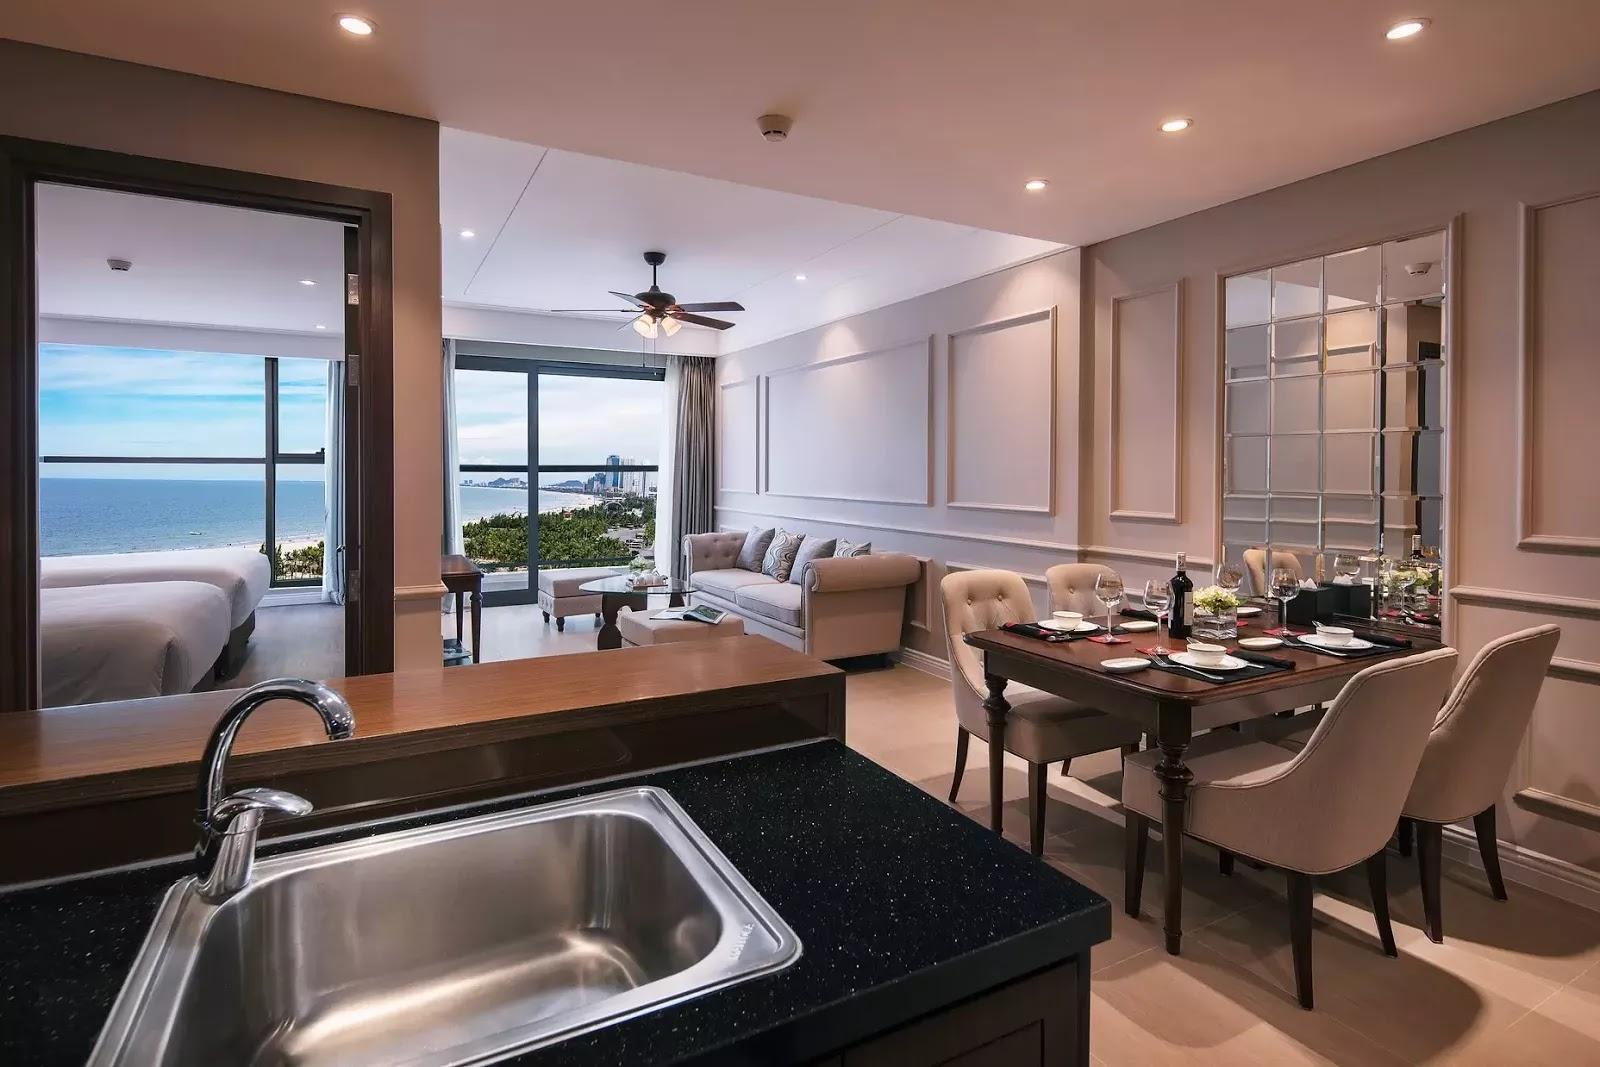 Hình ảnh căn hộ thực tế khi hoàn thiện của Luxury Apartment